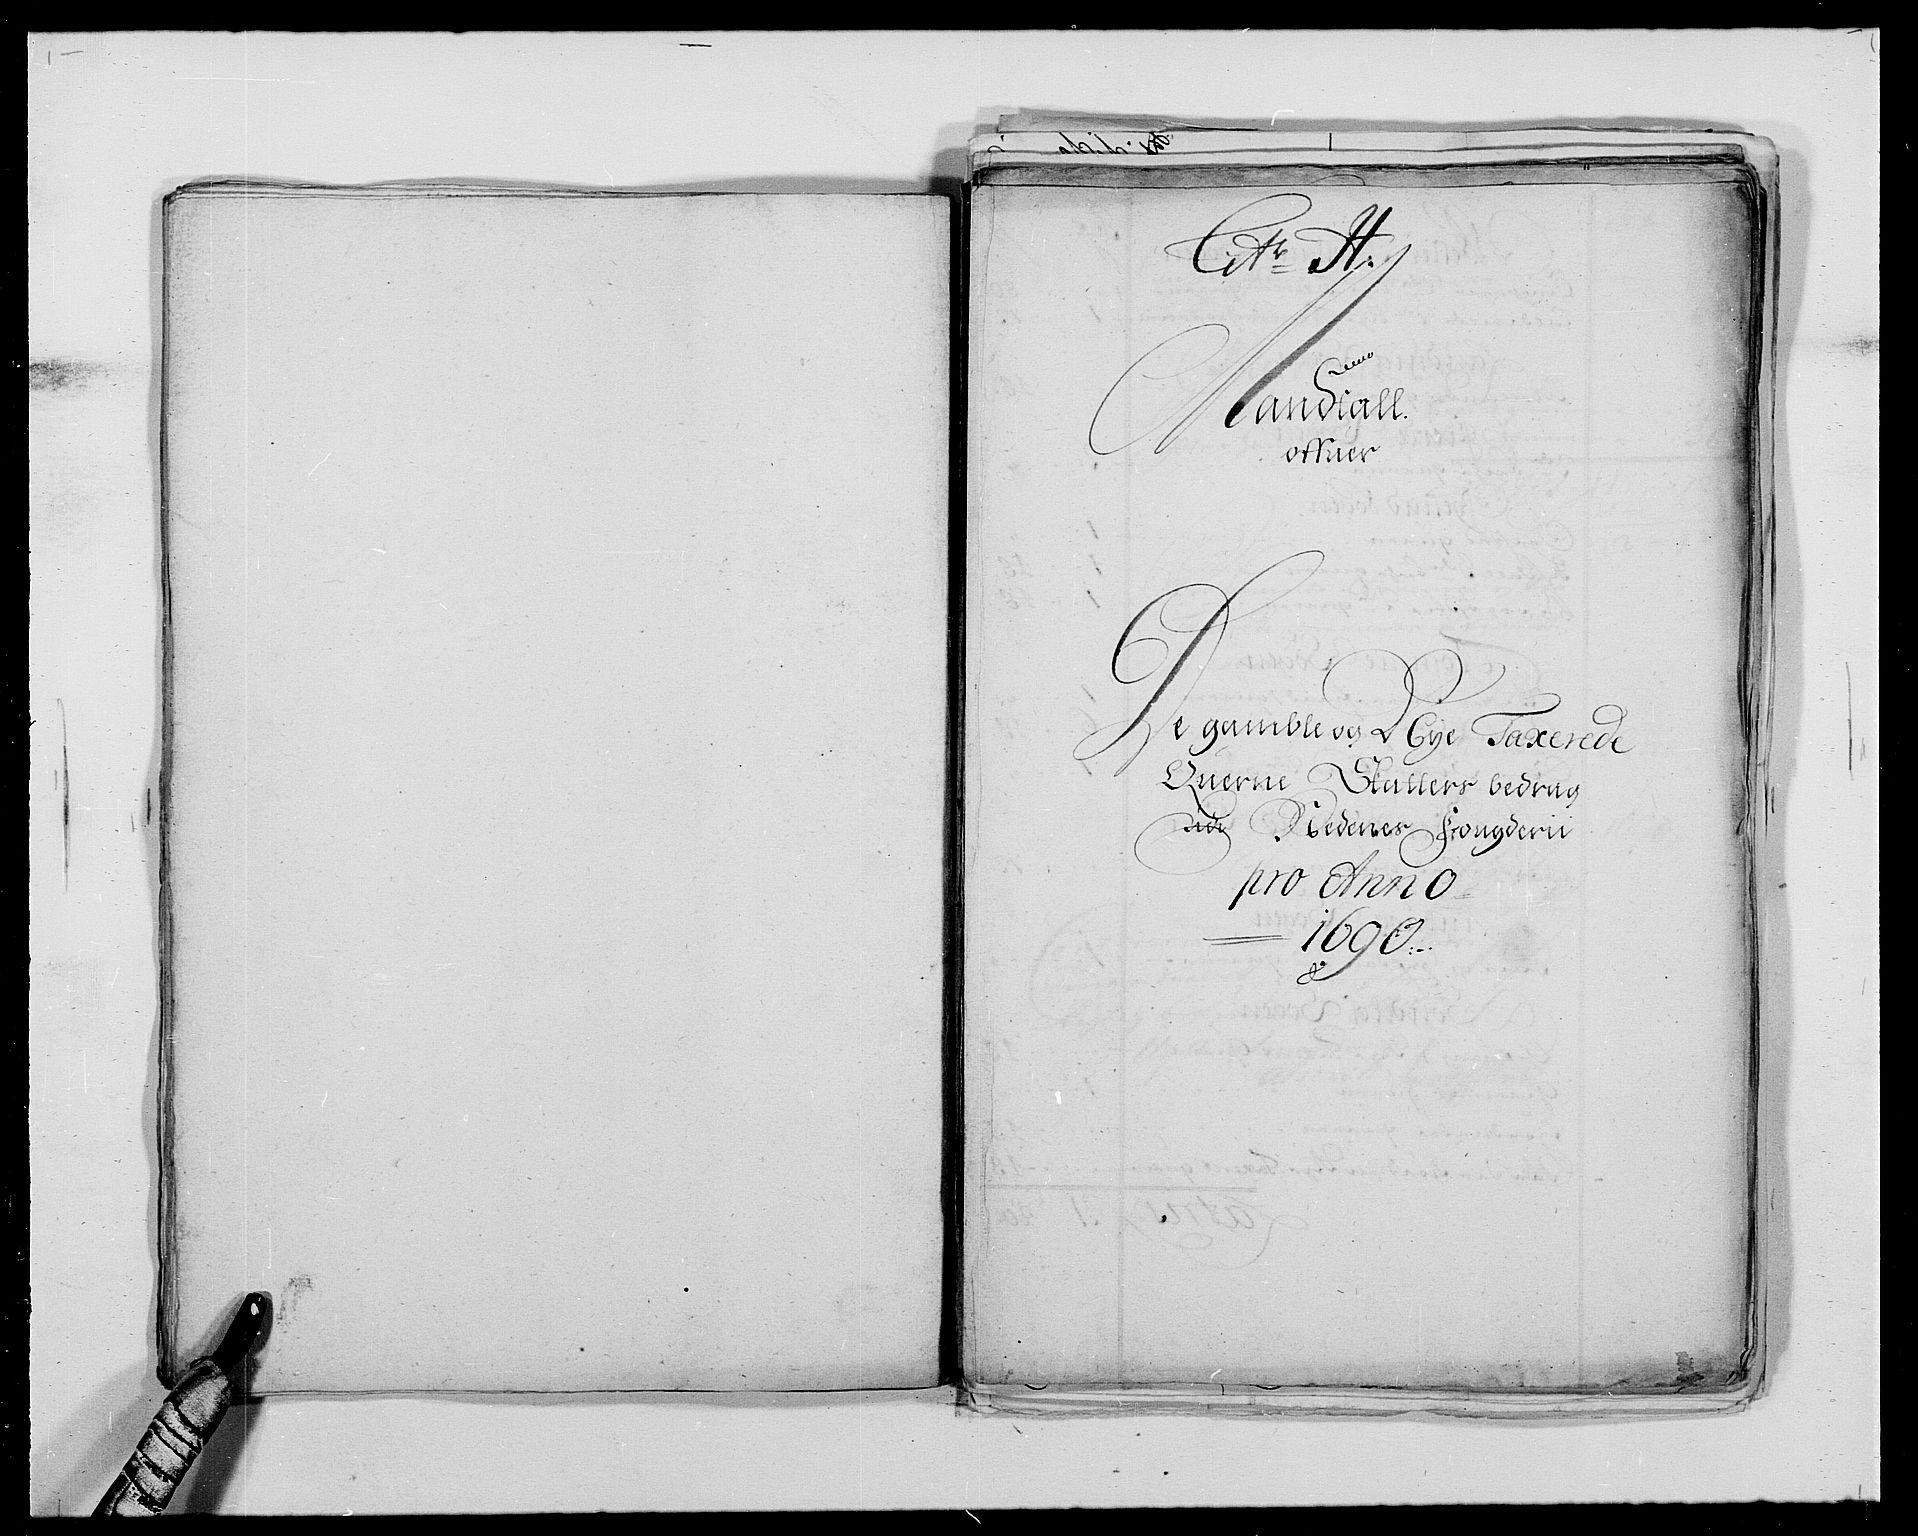 RA, Rentekammeret inntil 1814, Reviderte regnskaper, Fogderegnskap, R39/L2310: Fogderegnskap Nedenes, 1690-1692, s. 230